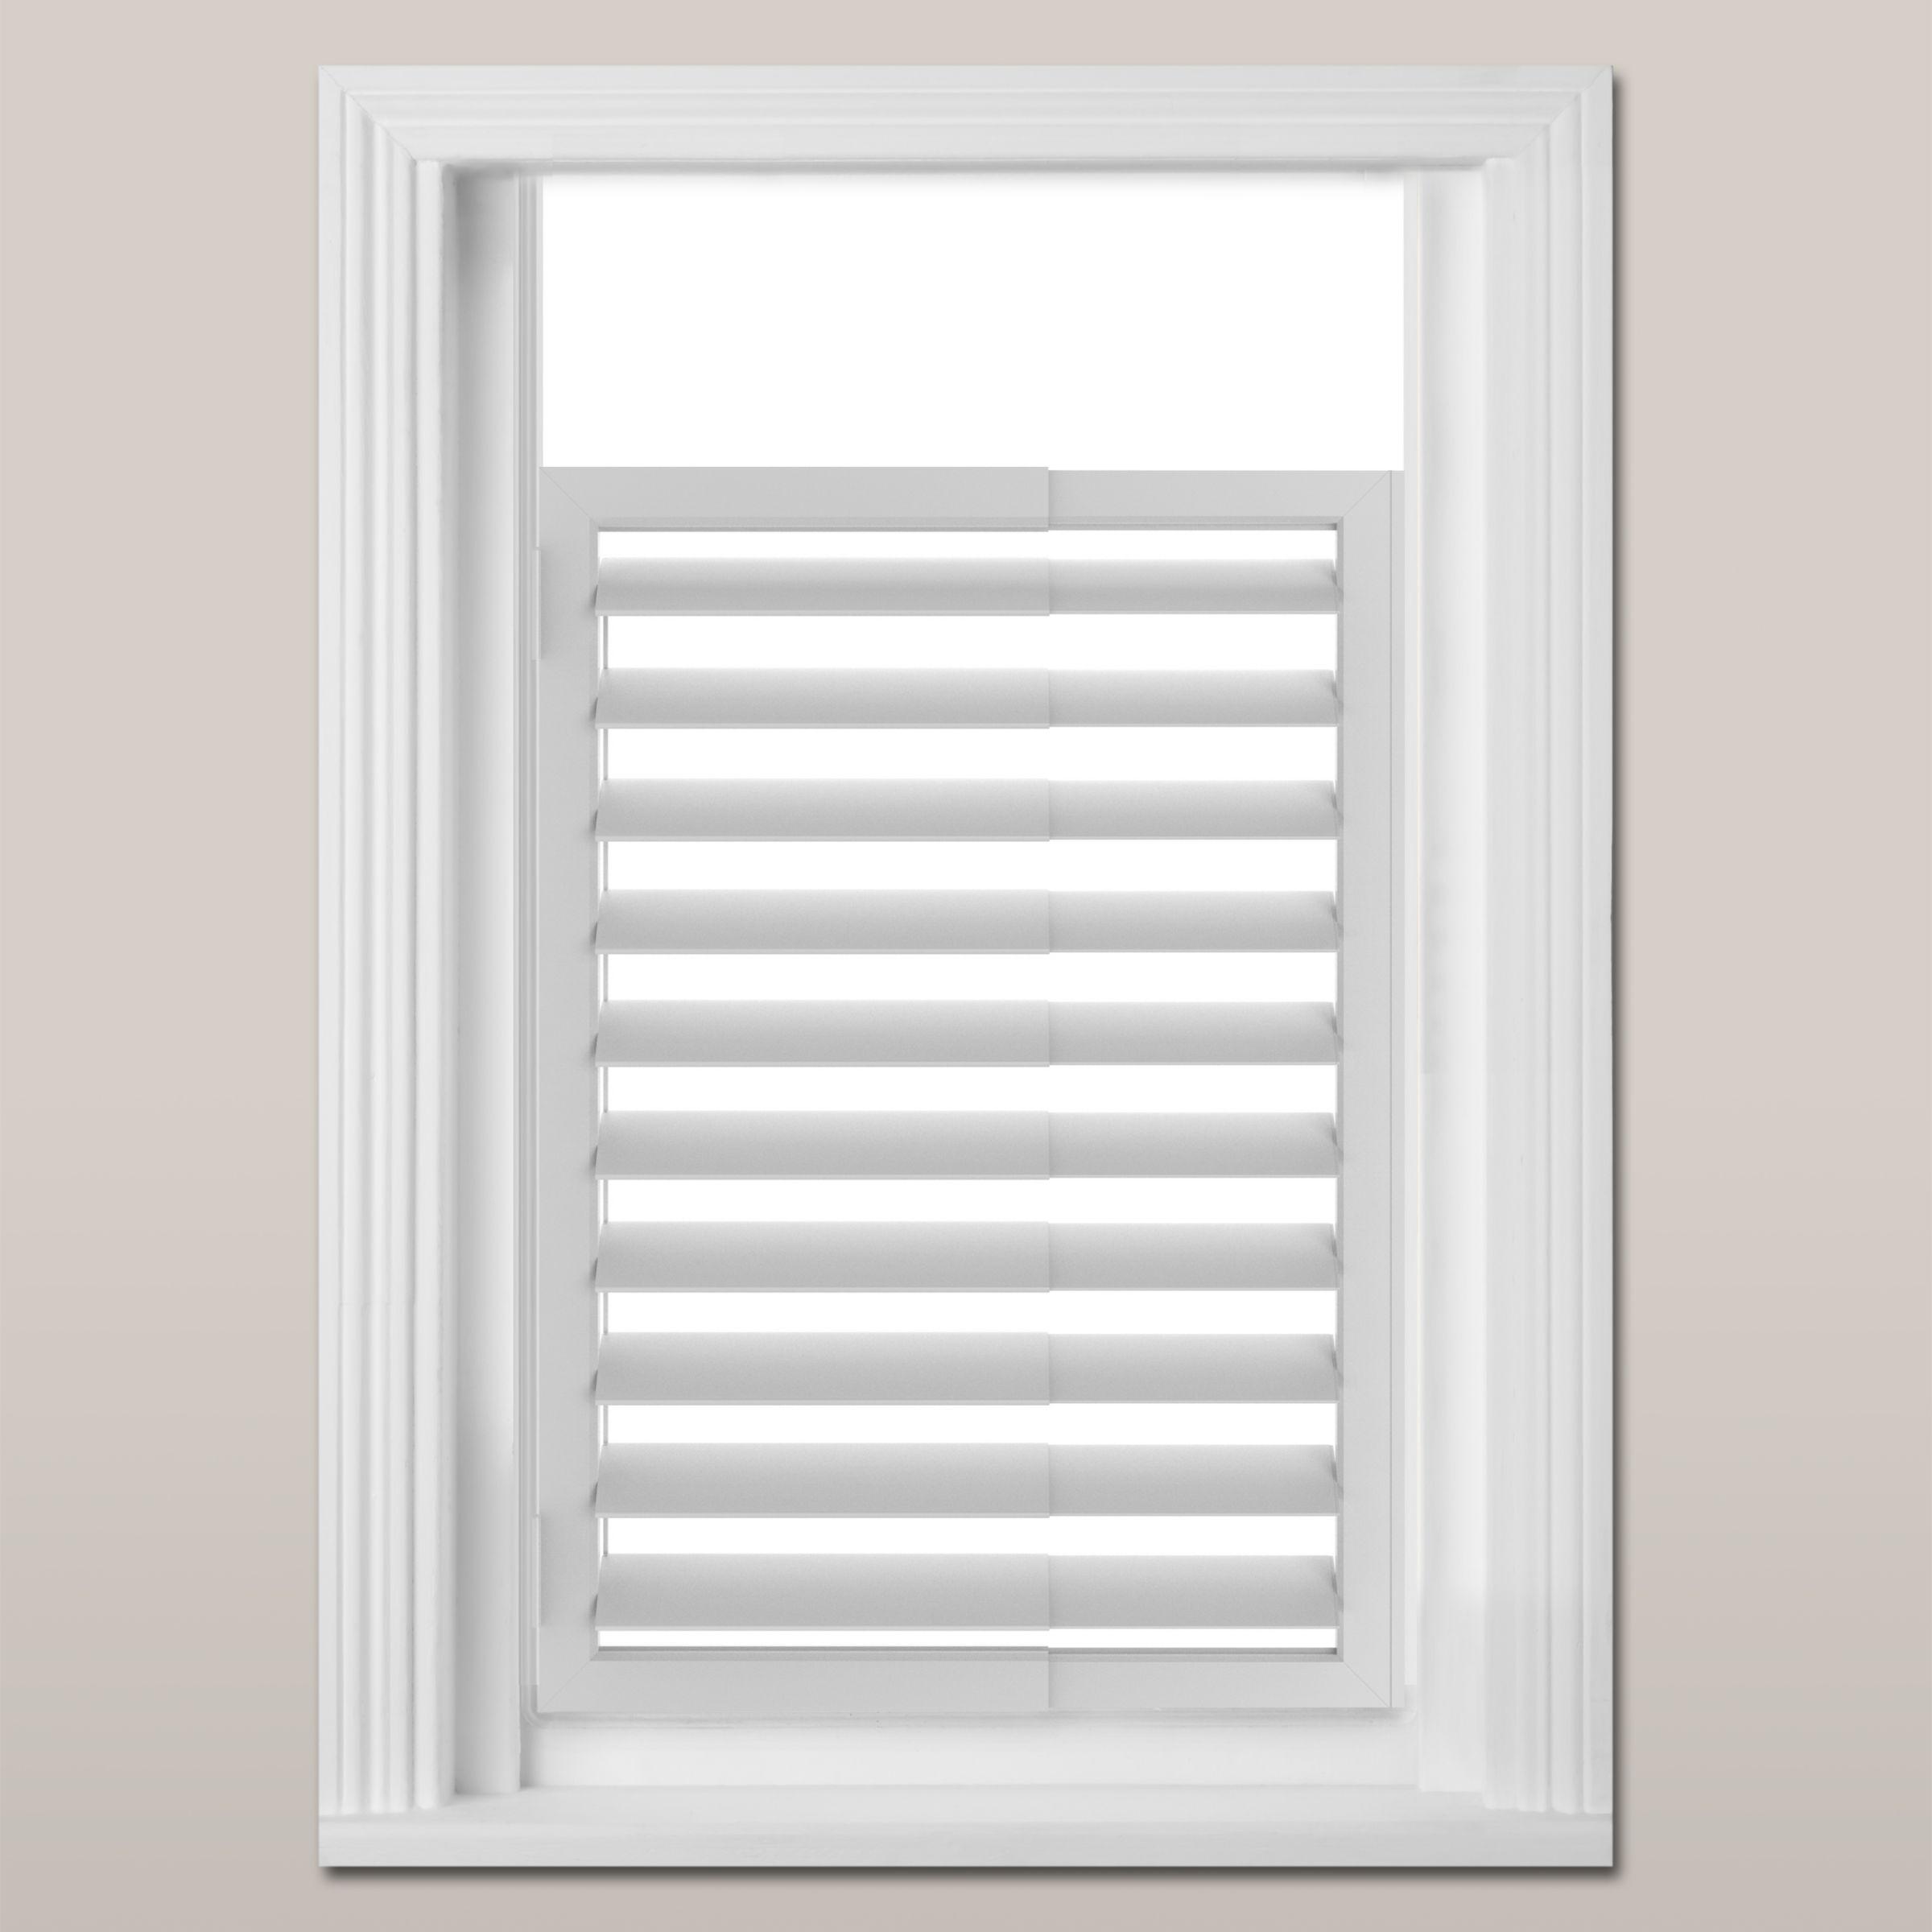 Umbra Expansa Extendable Window Shutter Grey